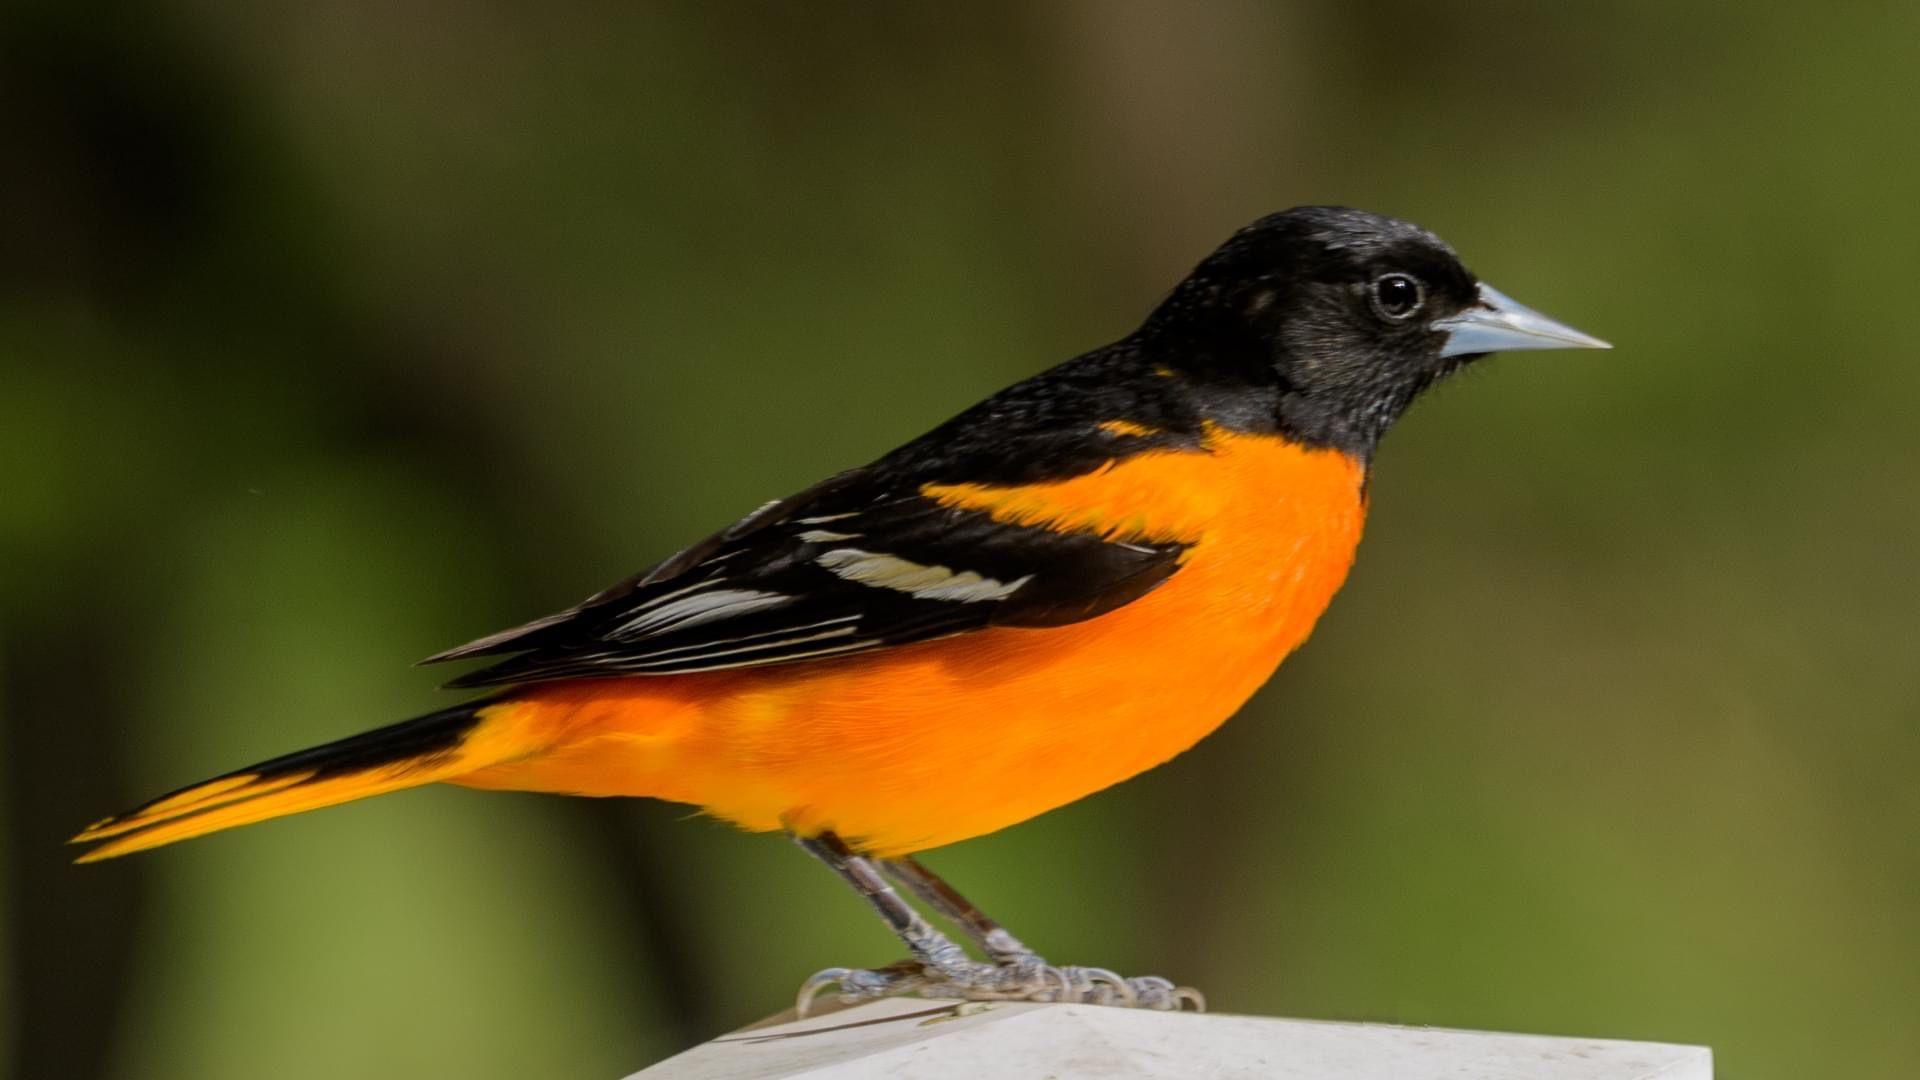 Pin By B On Birds In 2020 Animals Birds Bird